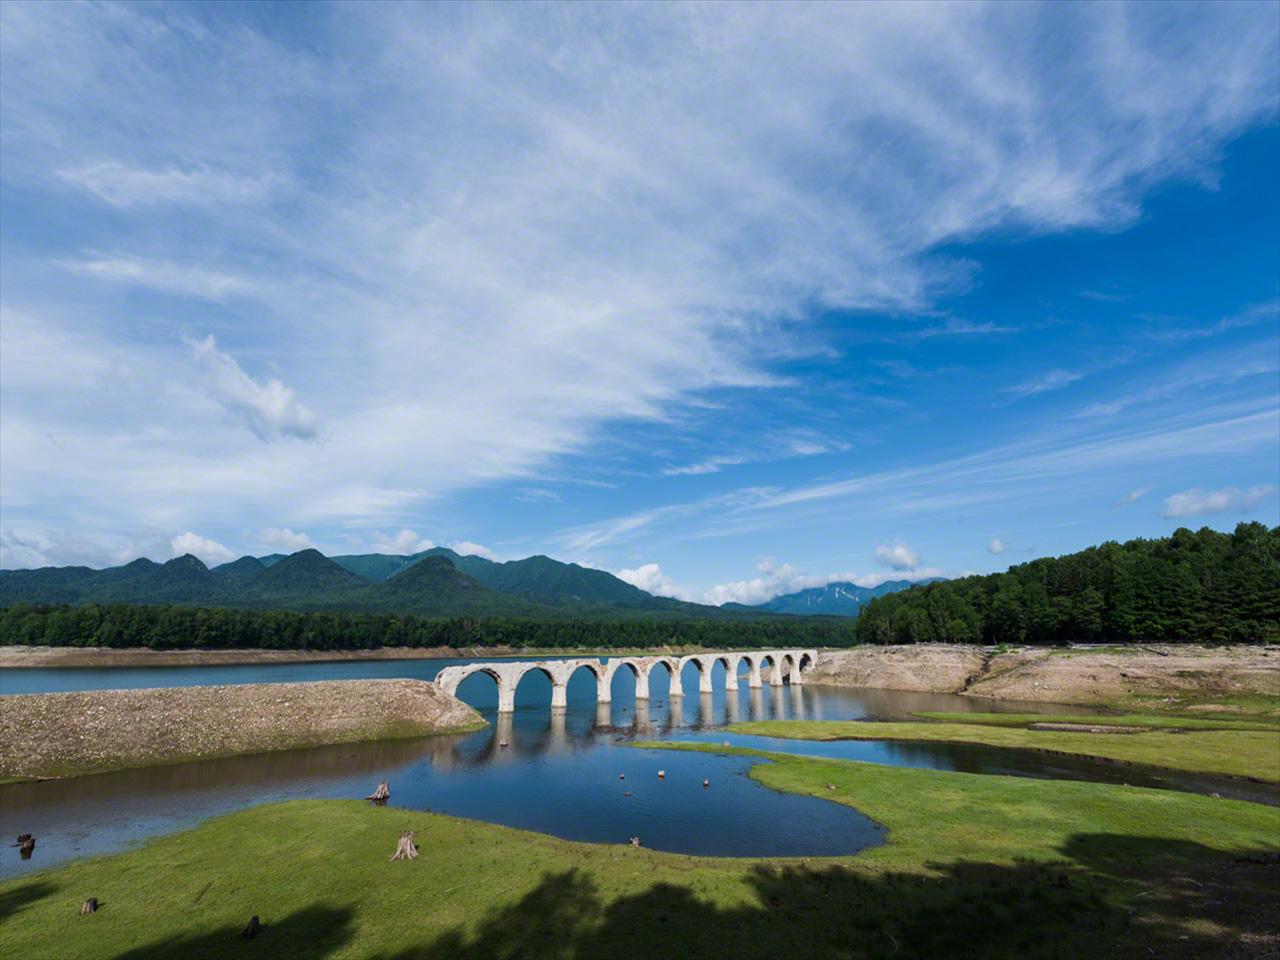 Julio. El puente se integra con el entorno, bajo el cielo de verano que cubre Hokkaidō.